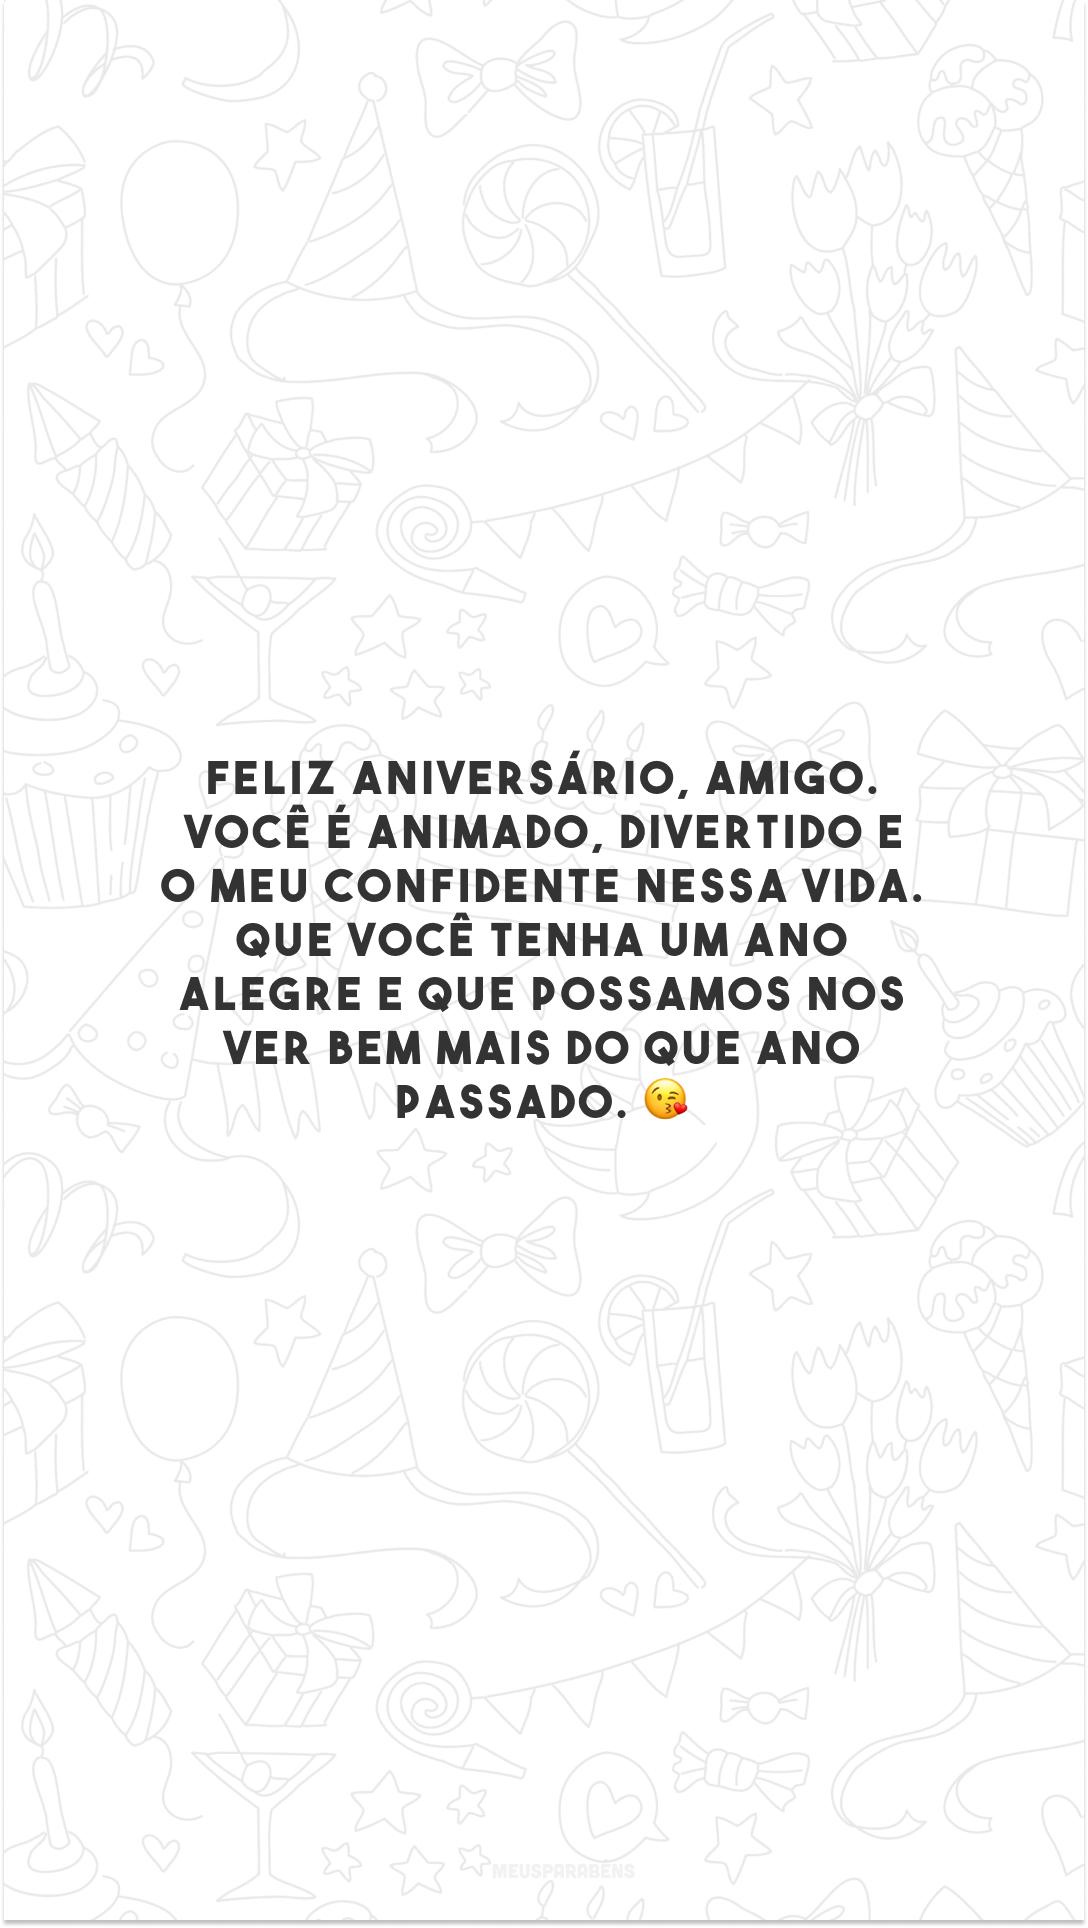 Feliz aniversário, amigo. Você é animado, divertido e o meu confidente nessa vida. Que você tenha um ano alegre e que possamos nos ver bem mais do que ano passado. 😘